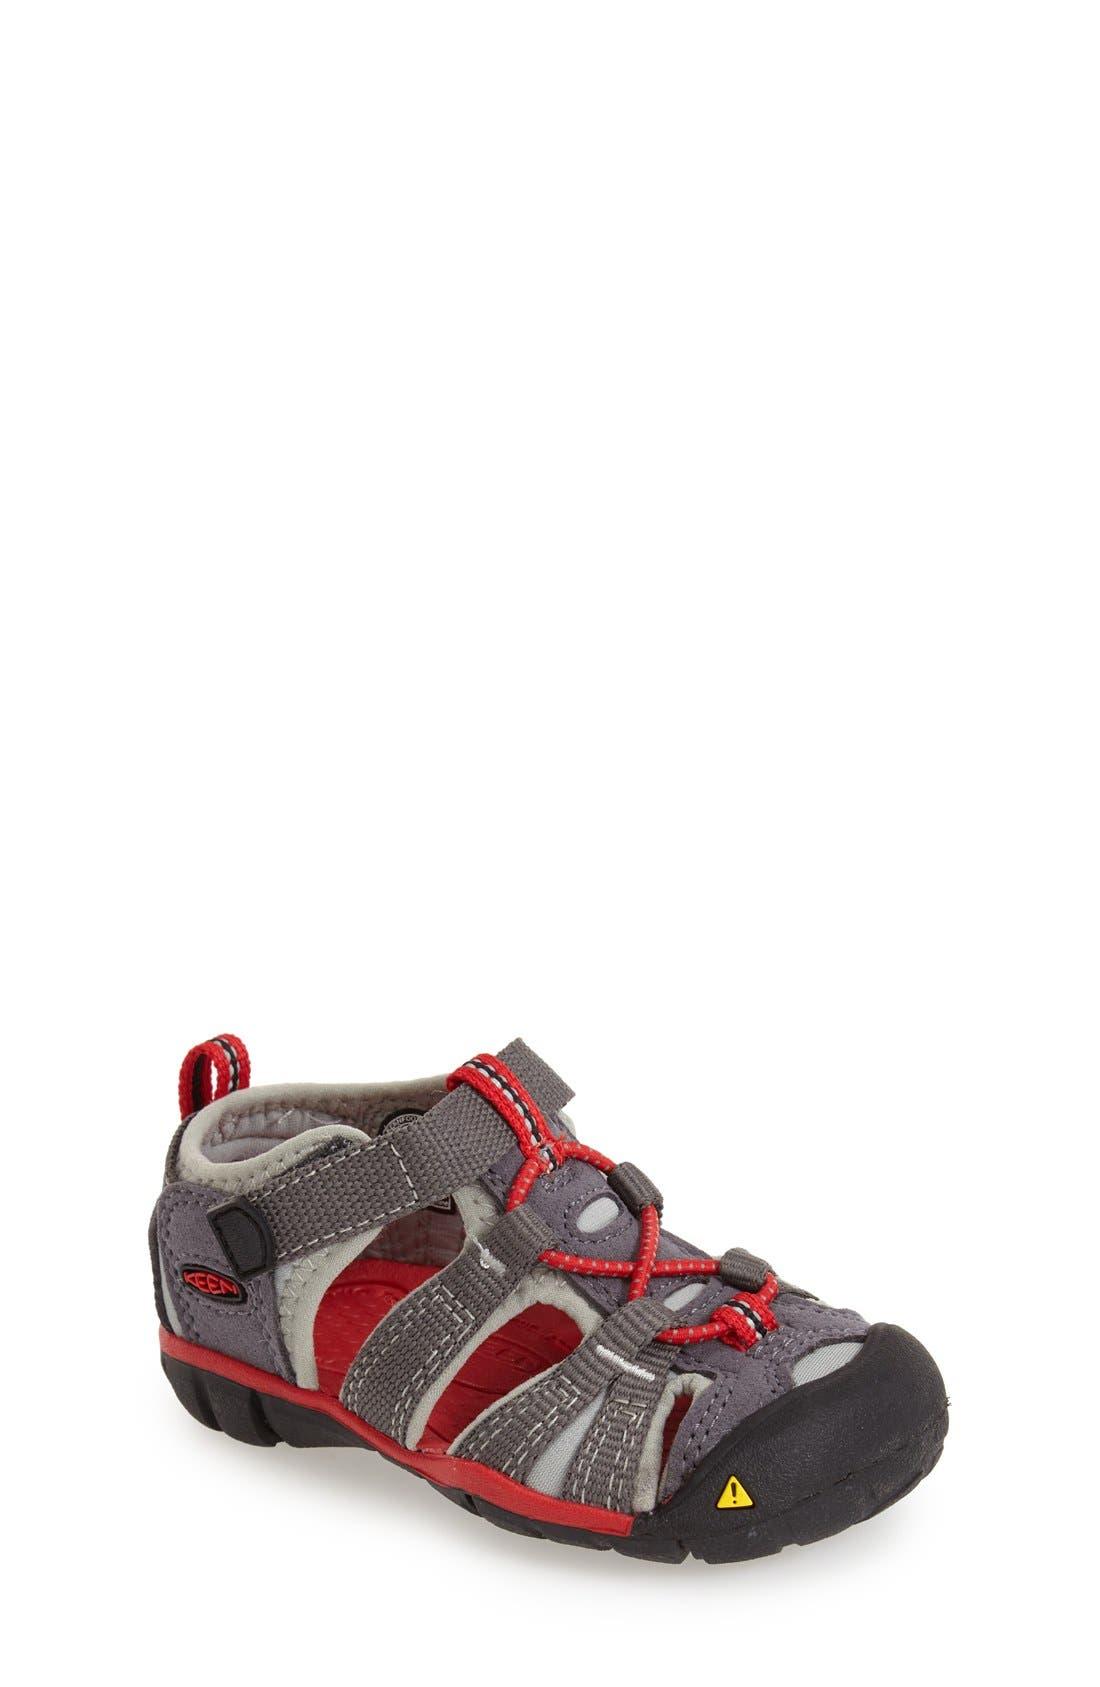 Alternate Image 1 Selected - Keen 'Seacamp II' Waterproof Sandal (Baby & Walker)